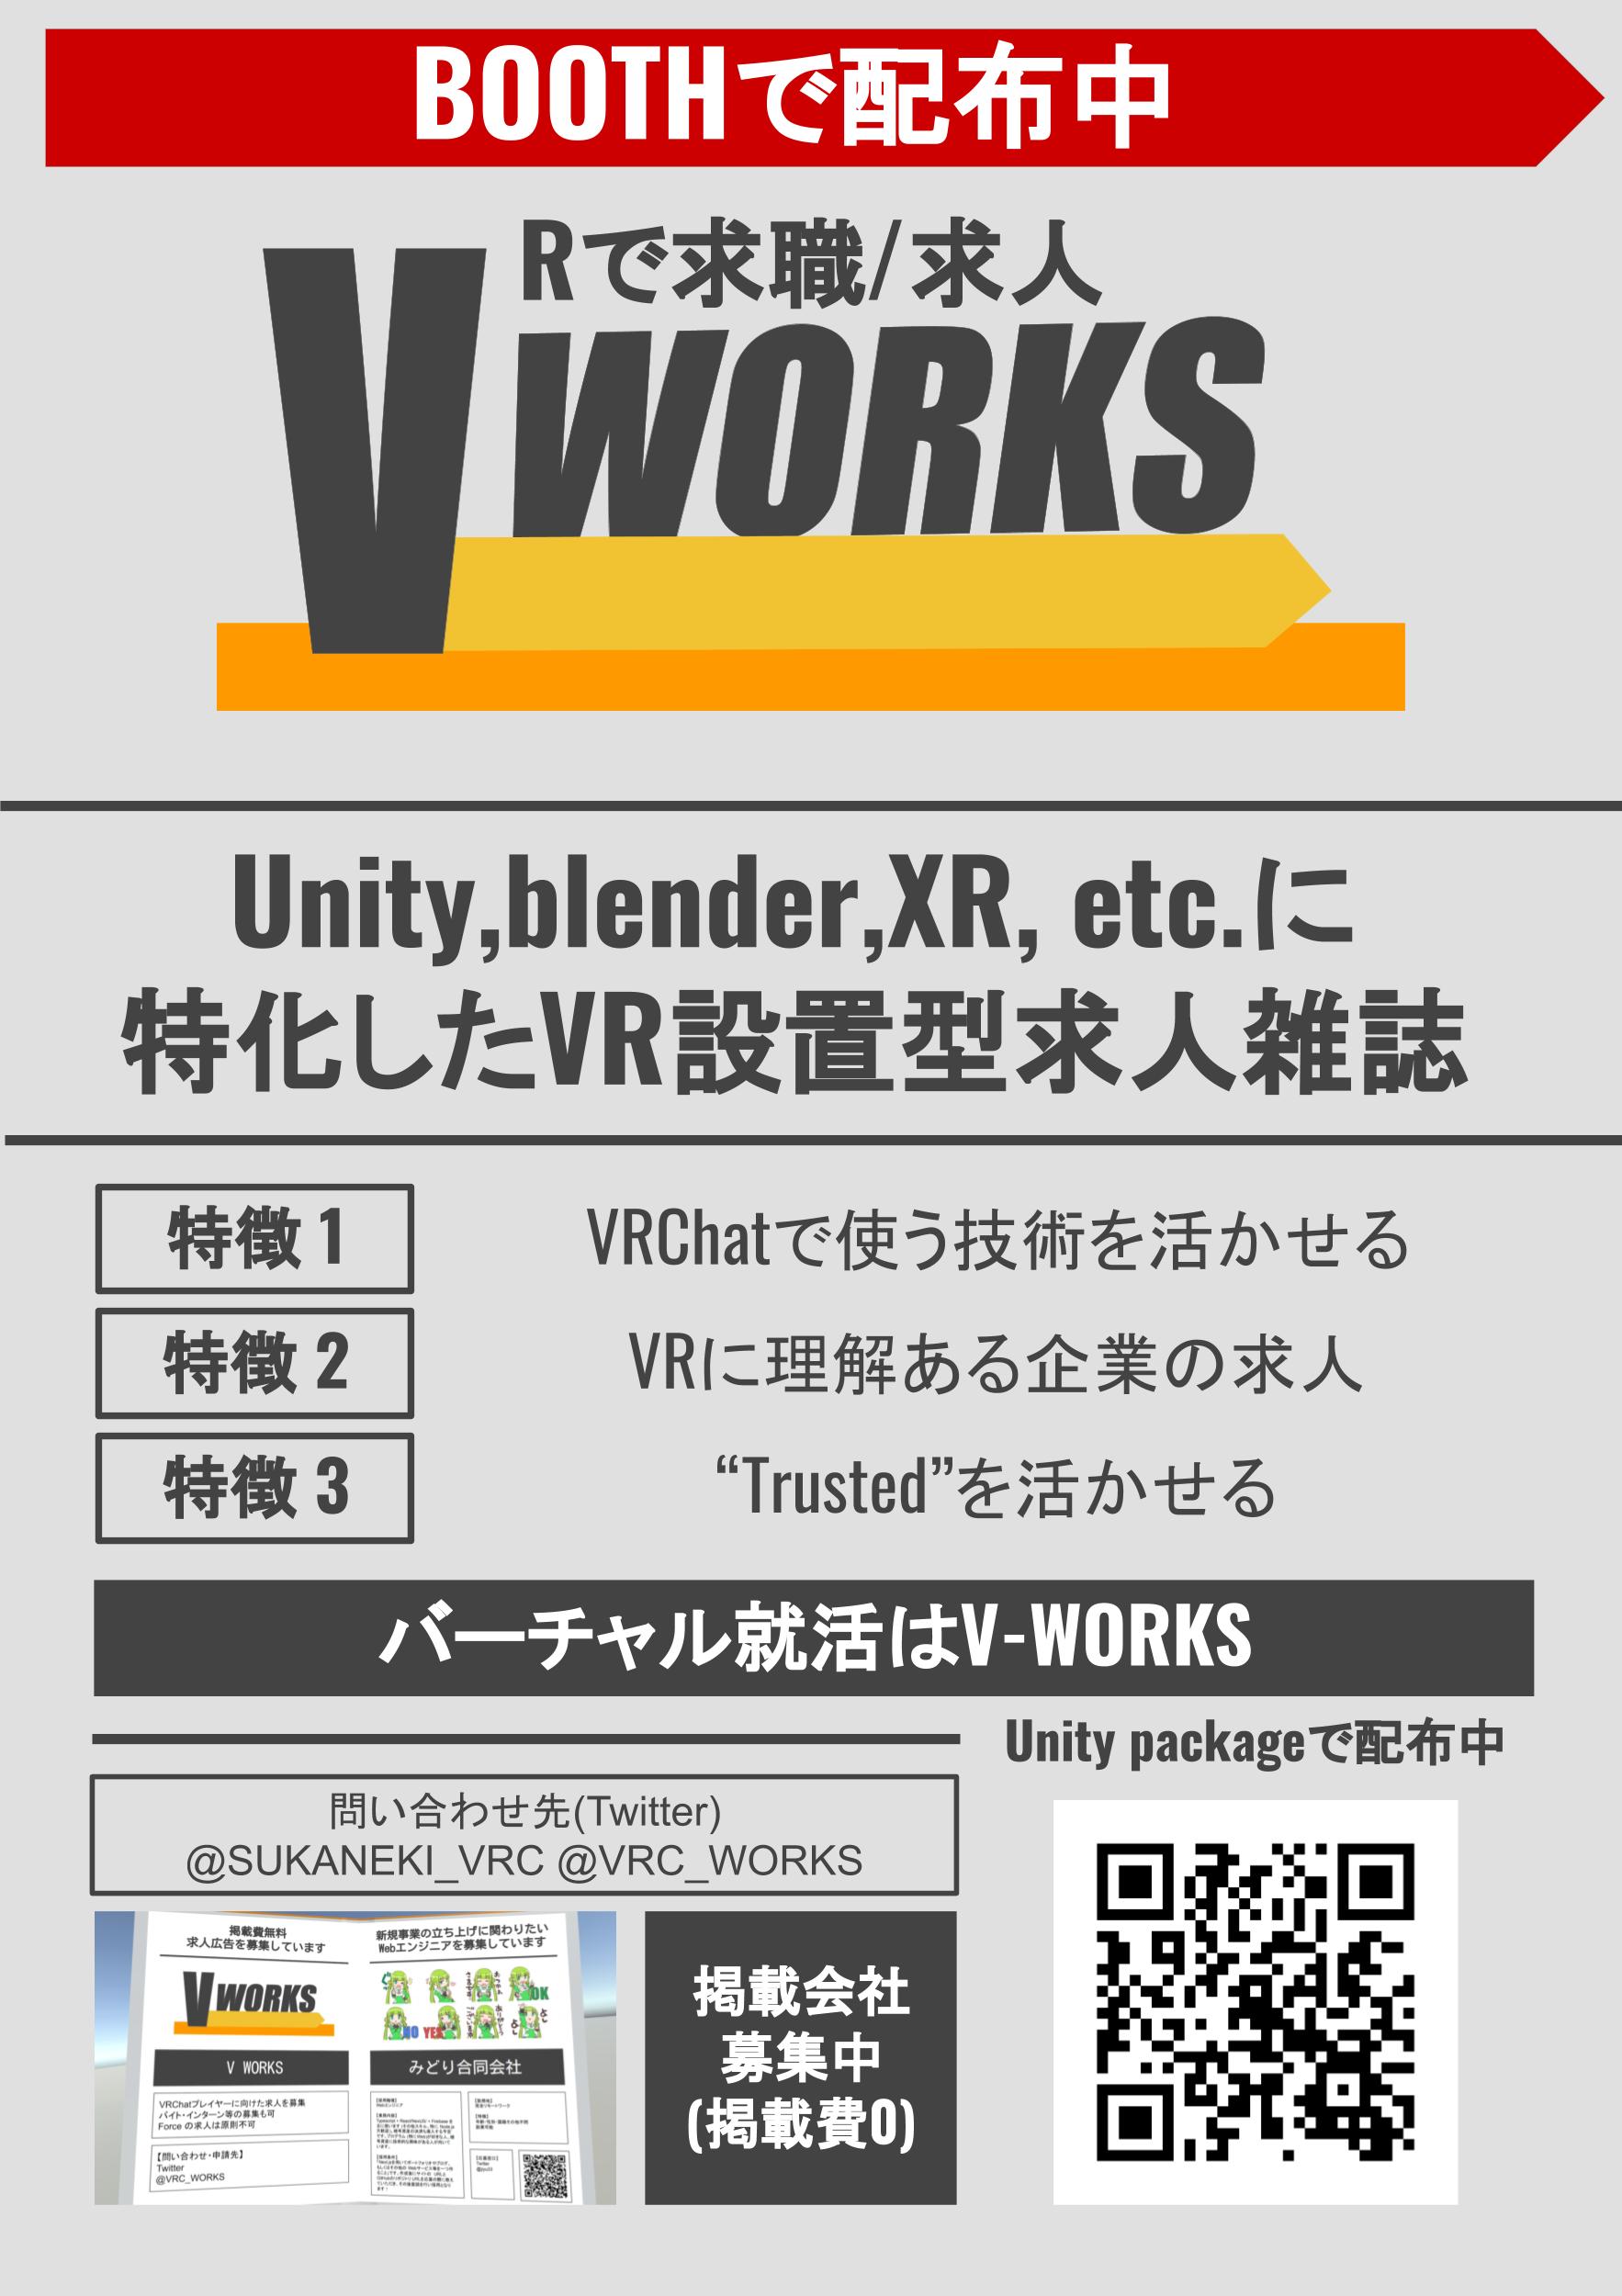 Vworks